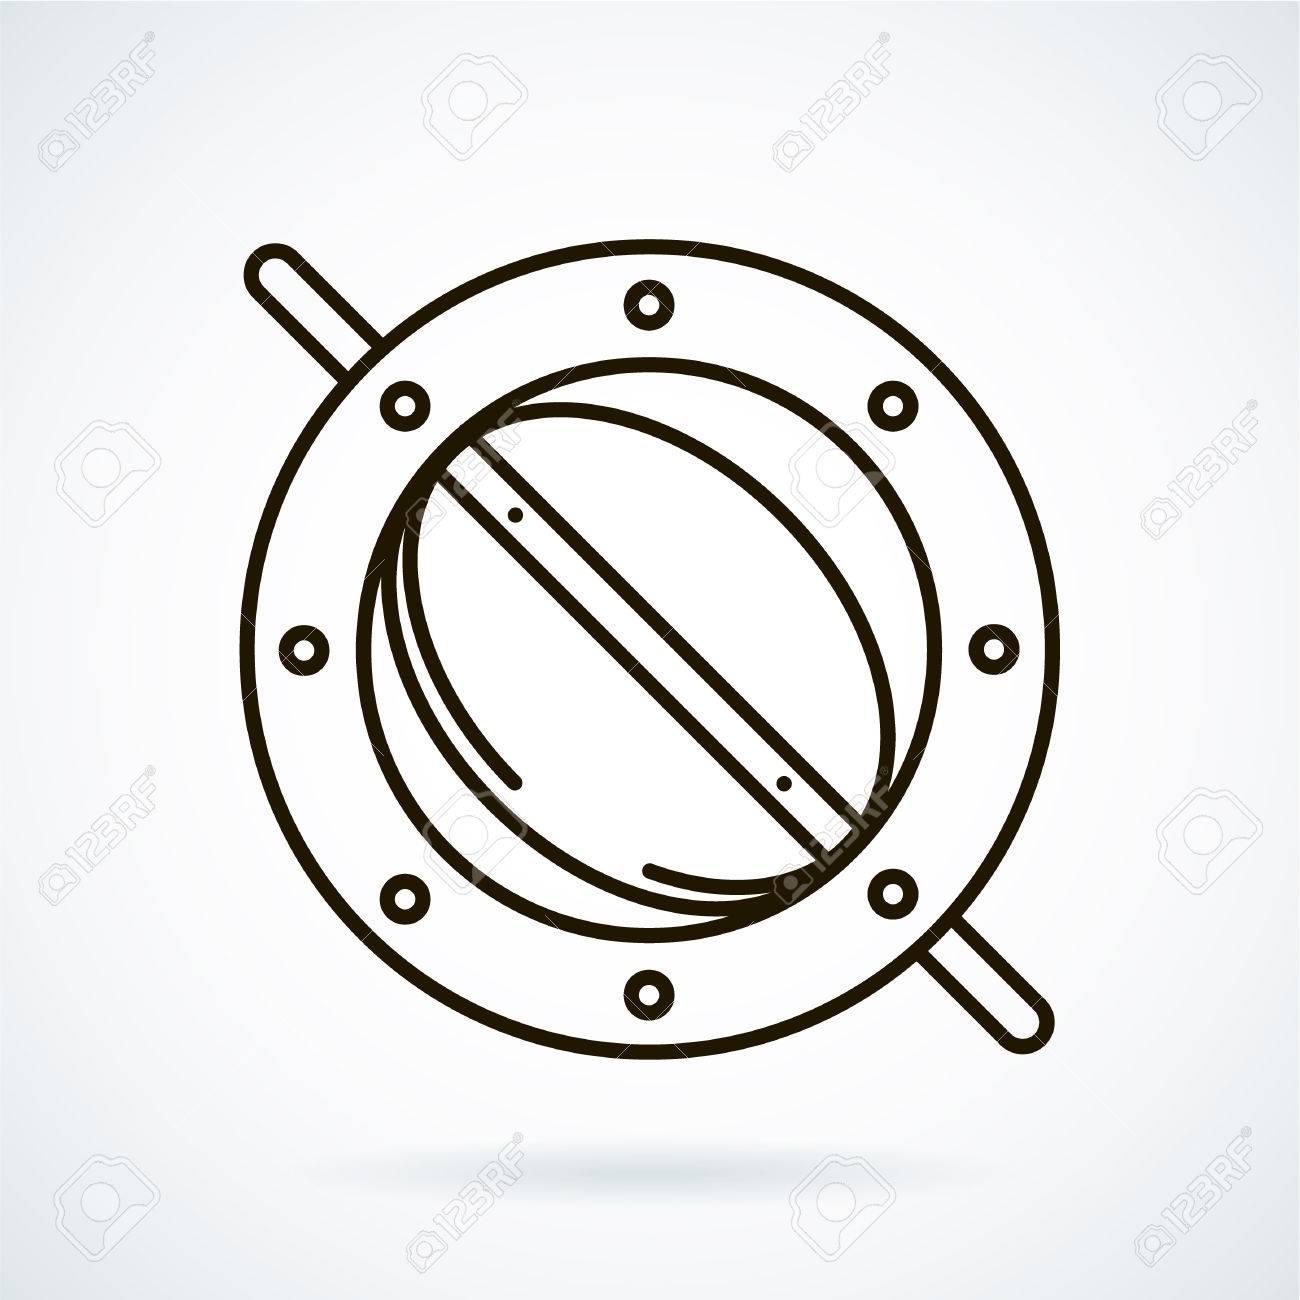 Nett Symbol Der Drossel Zeitgenössisch - Schaltplan Serie Circuit ...